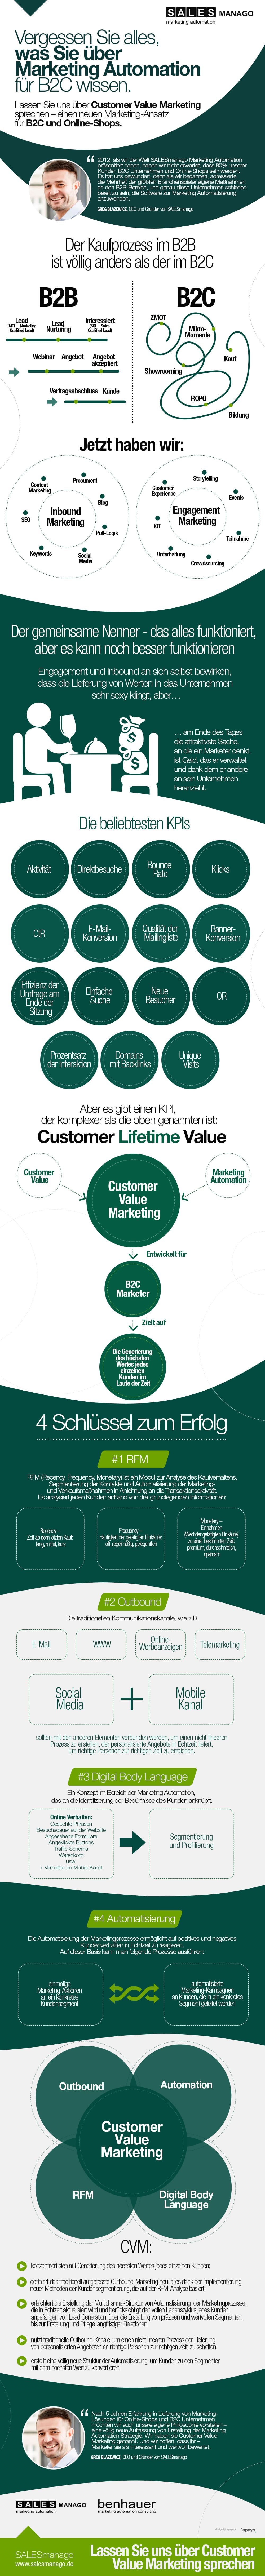 Customer Value Marketing – der neue Marketing-Ansatz für B2C und Online-Shops